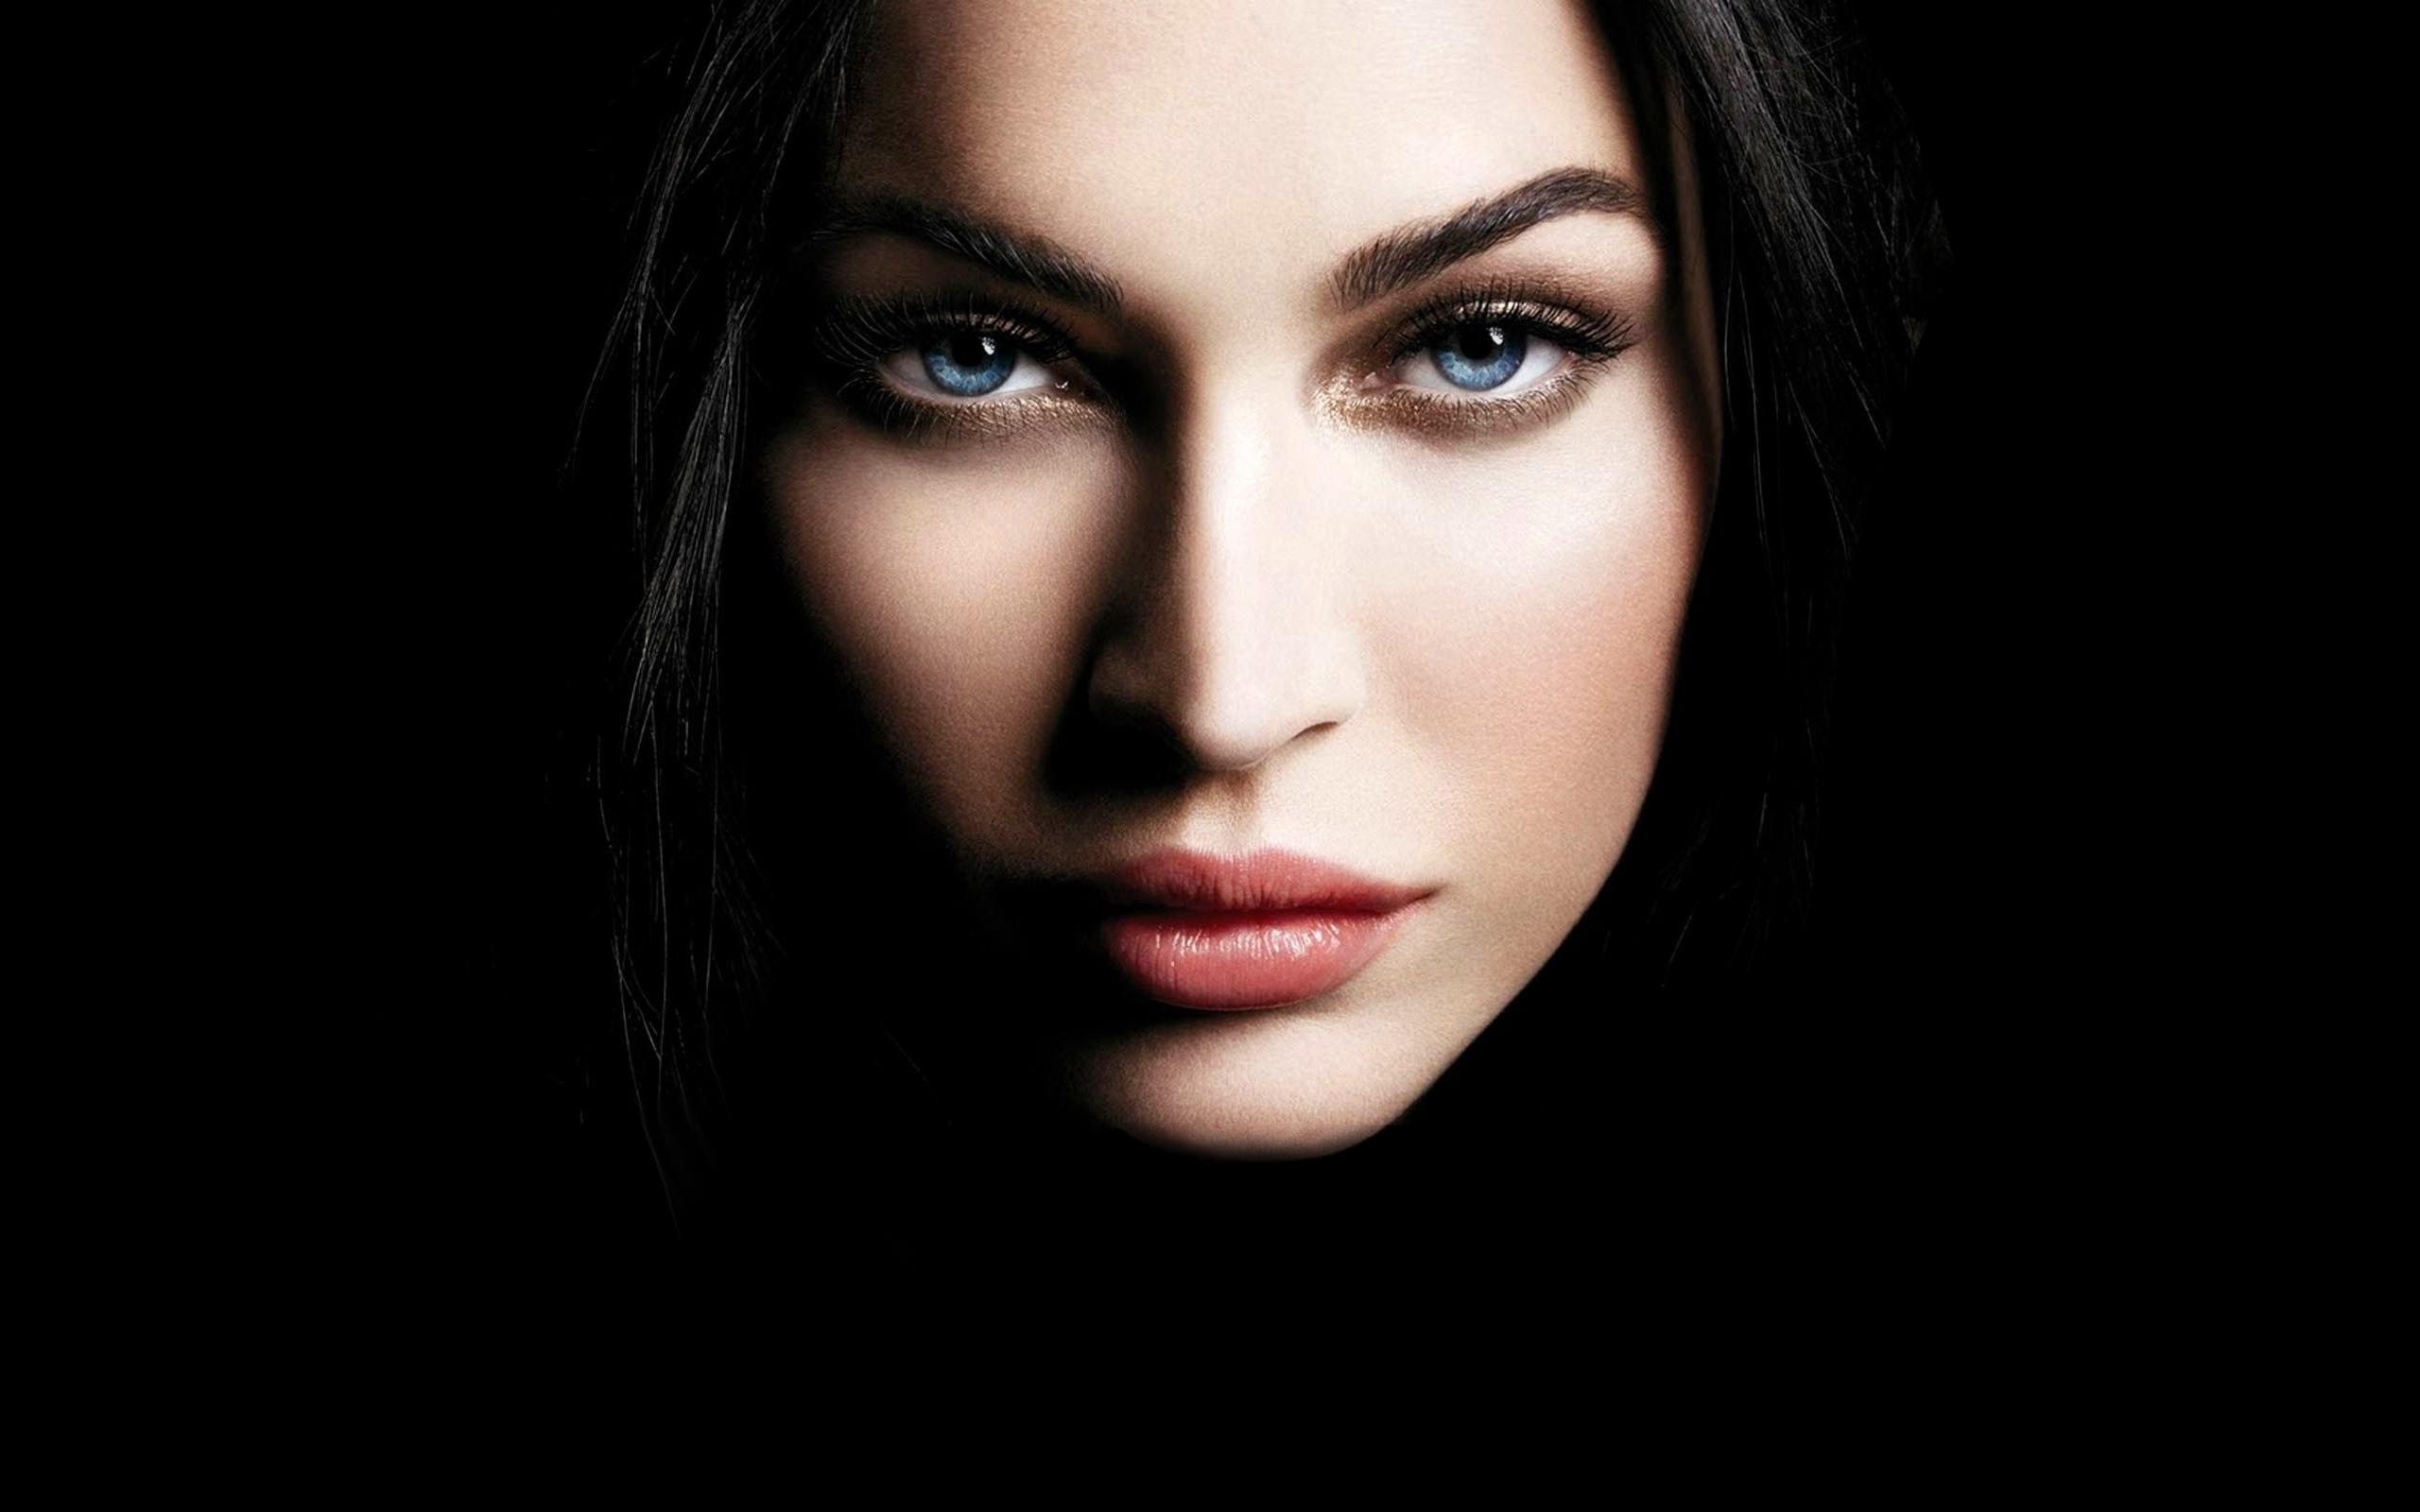 والپیپر دختر خوشگل با پس زمینه سیاه